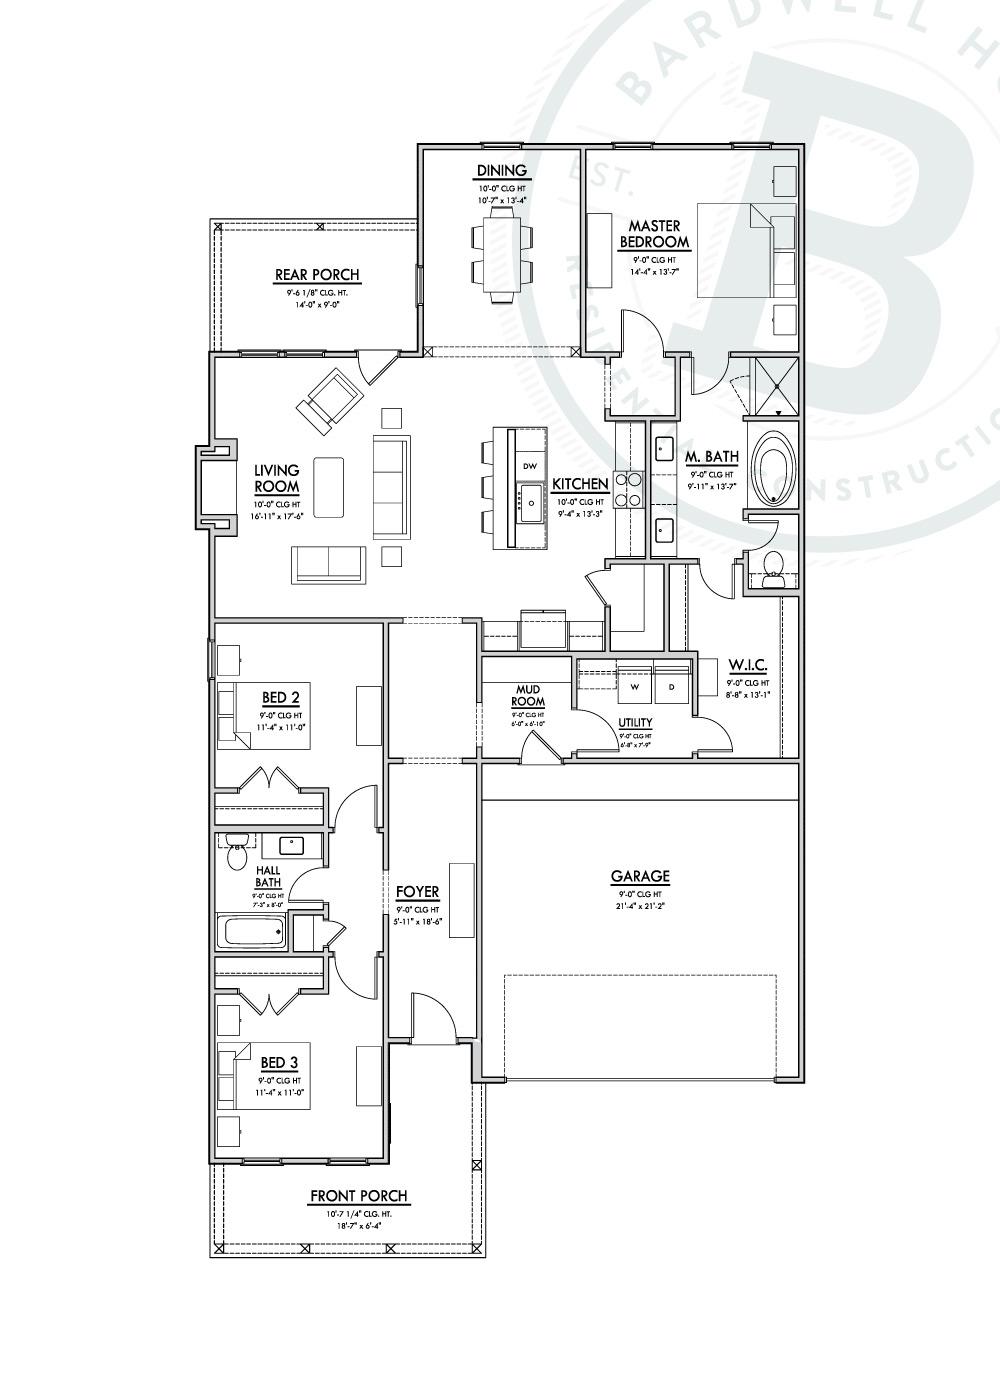 Loyola-B_Floorplan_4.26.19